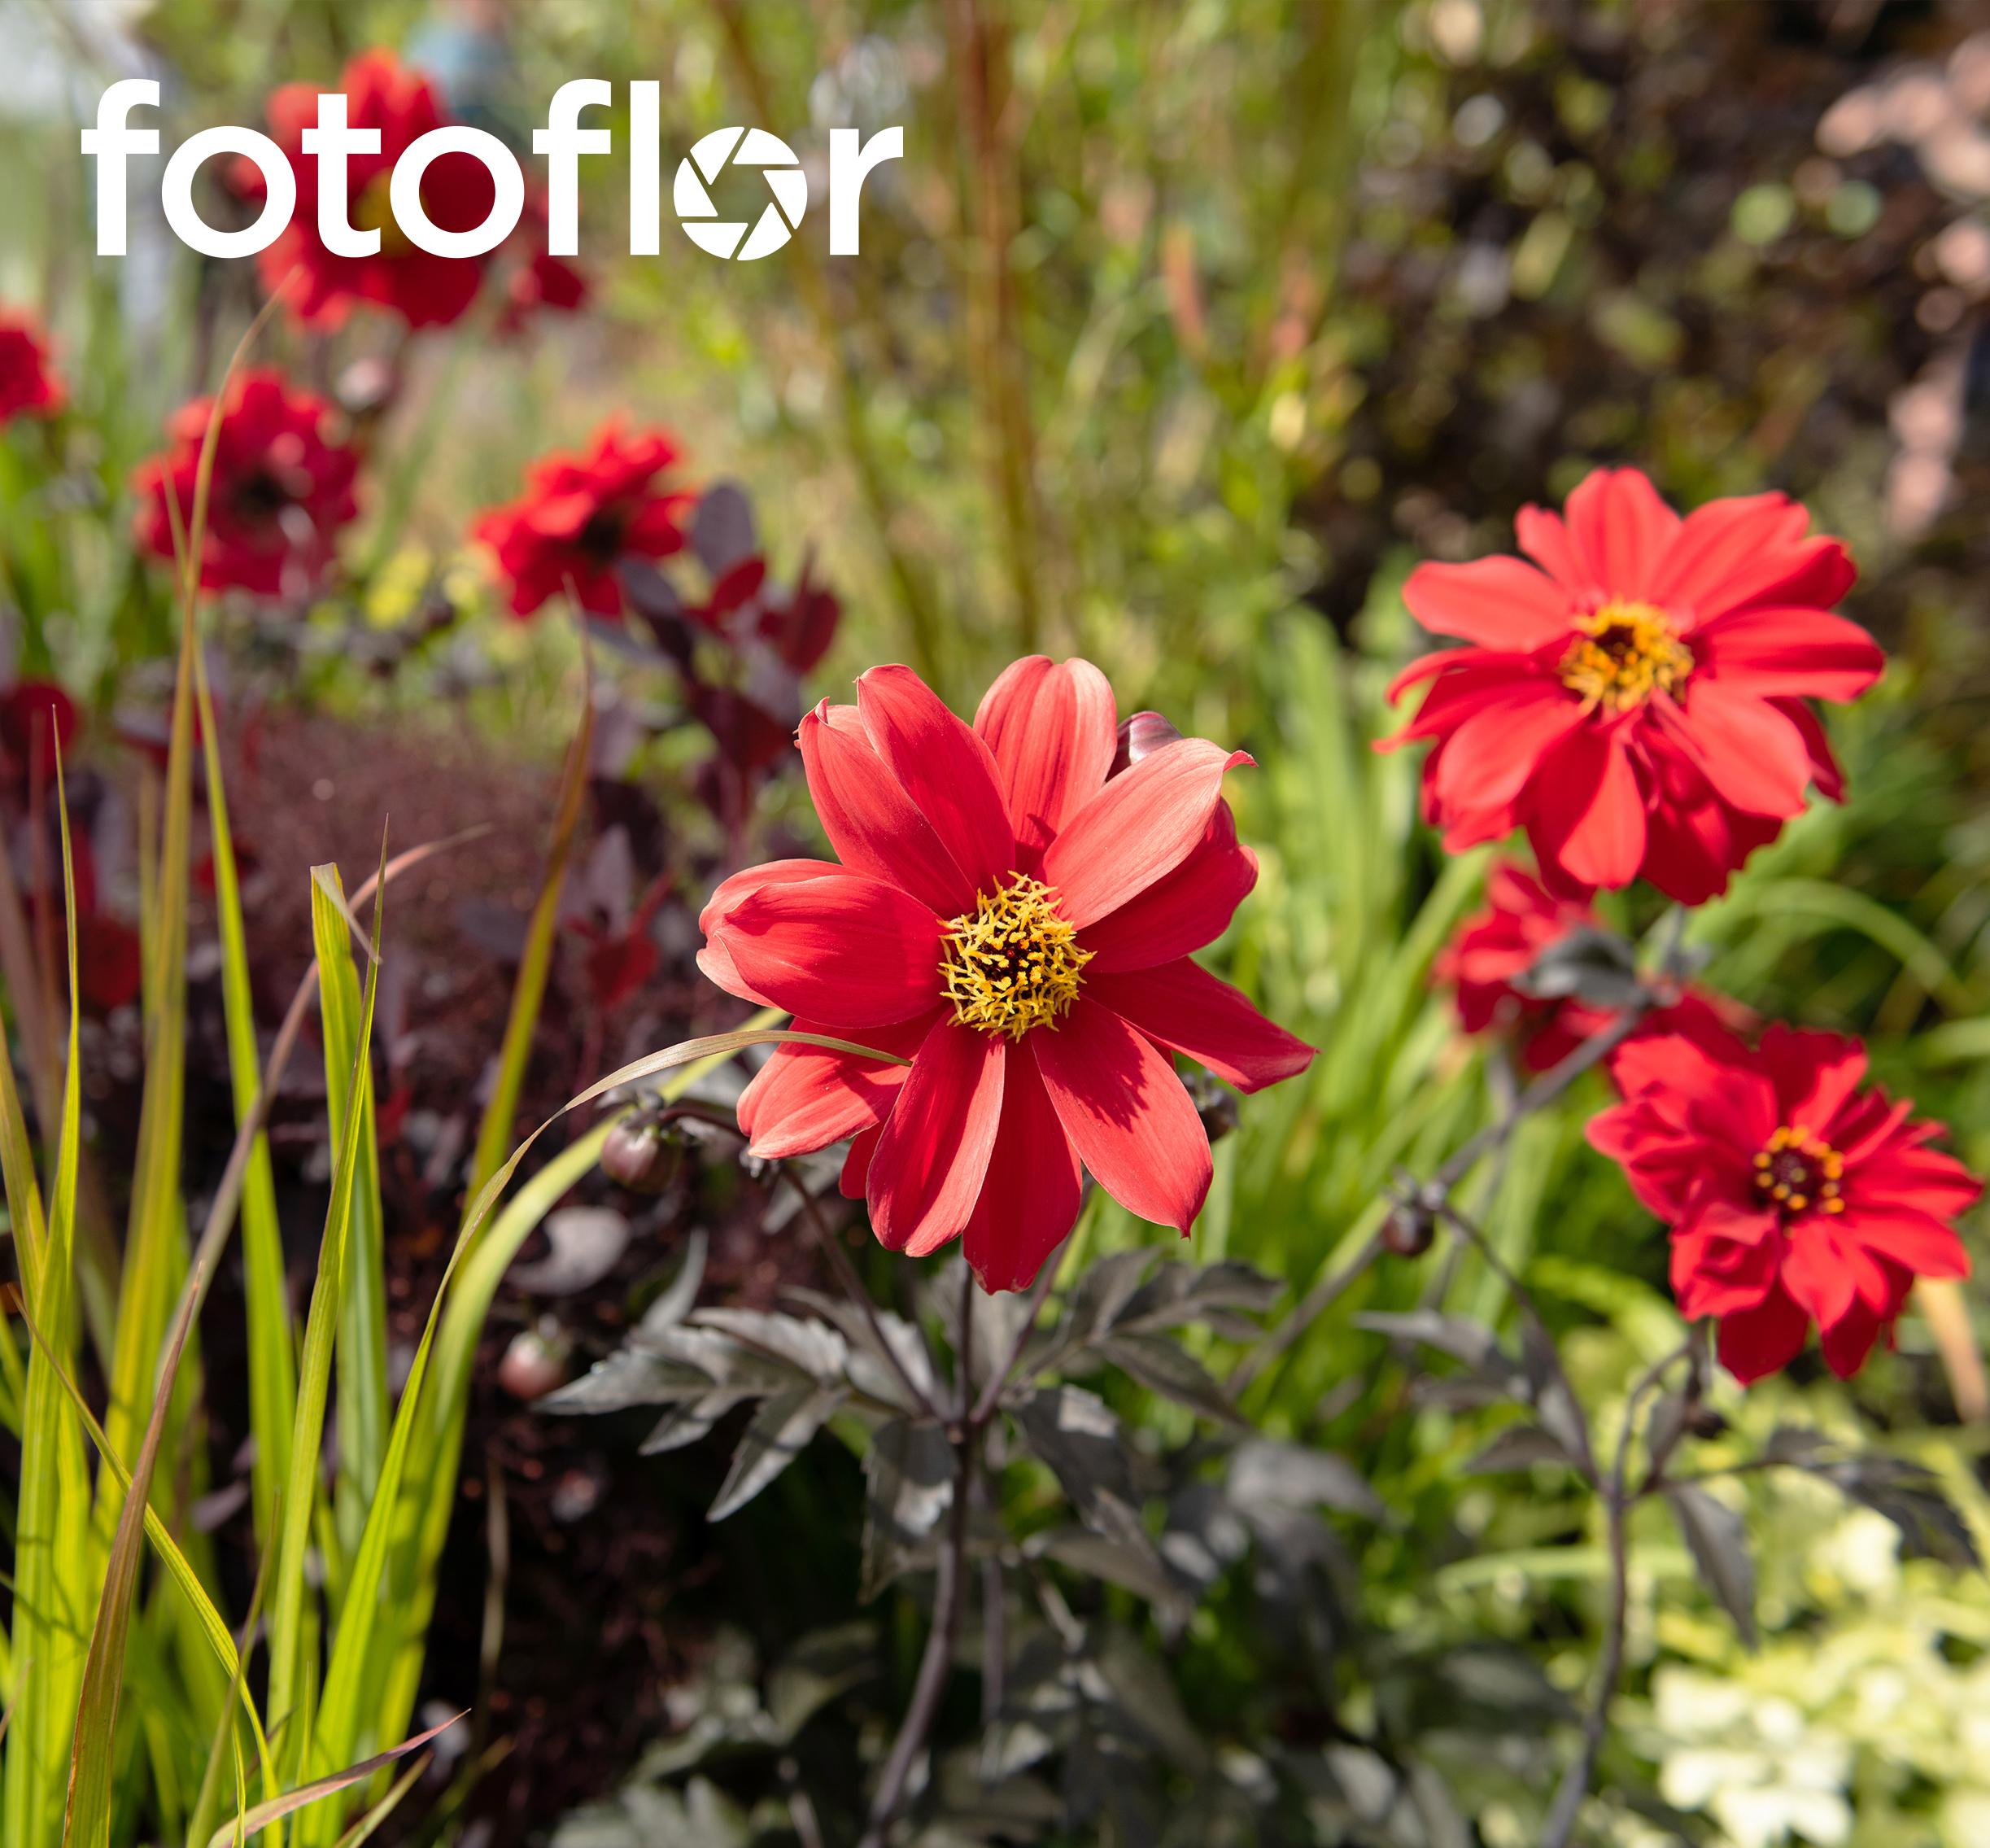 …capturer LA NATURE - trouvez les bonnes images qui répondent à vos besoins dans notre photothèque.